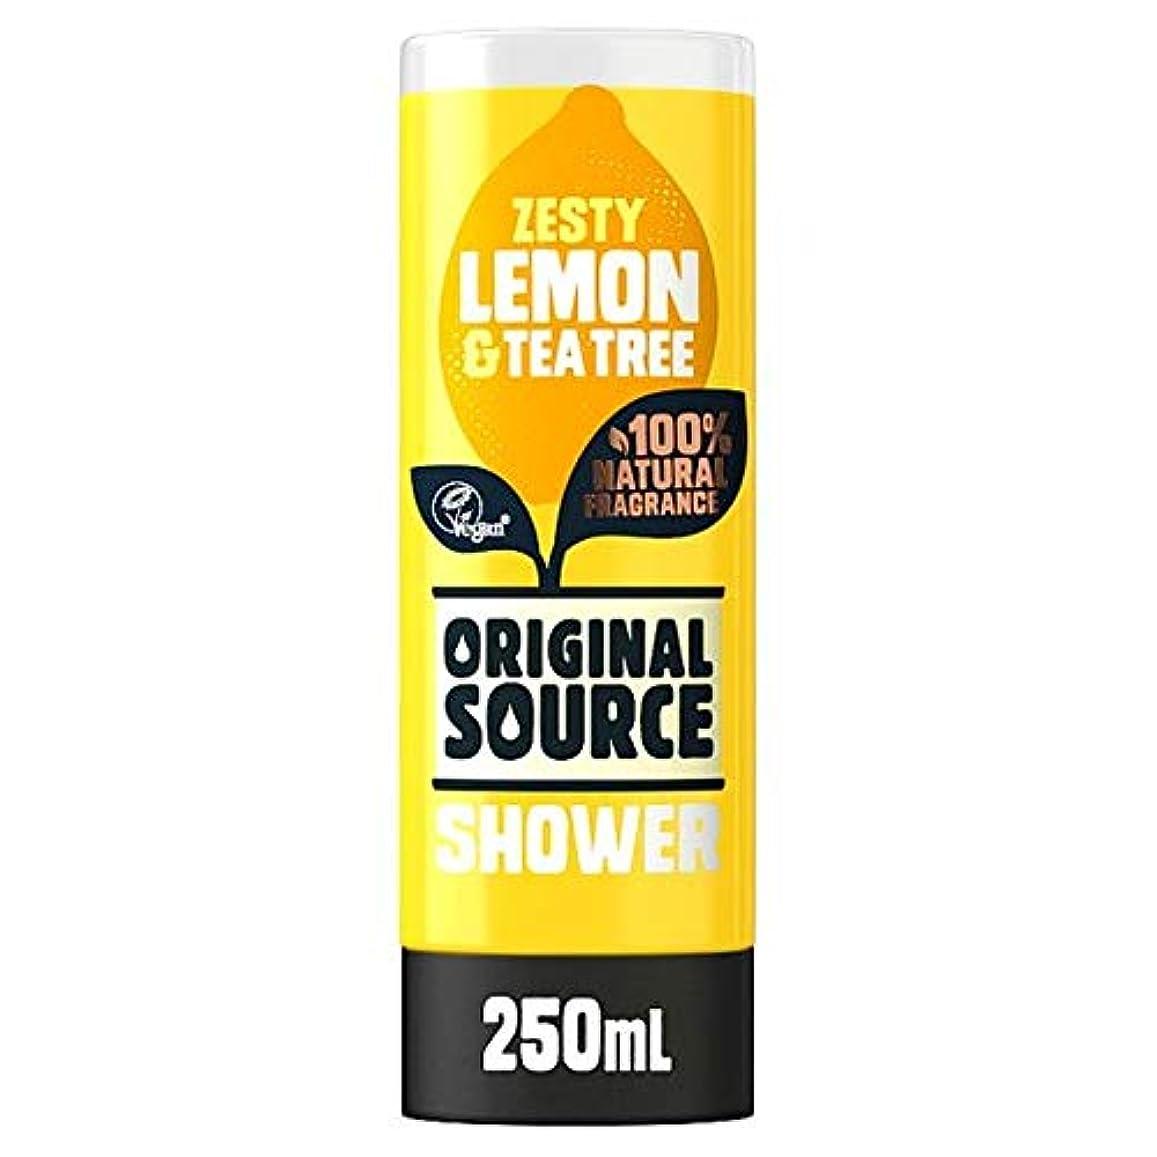 ピットり借りている[Original Source] 元のソースレモン、ティーツリーシャワージェル250ミリリットル - Original Source Lemon And Tea Tree Shower Gel 250Ml [並行輸入品]